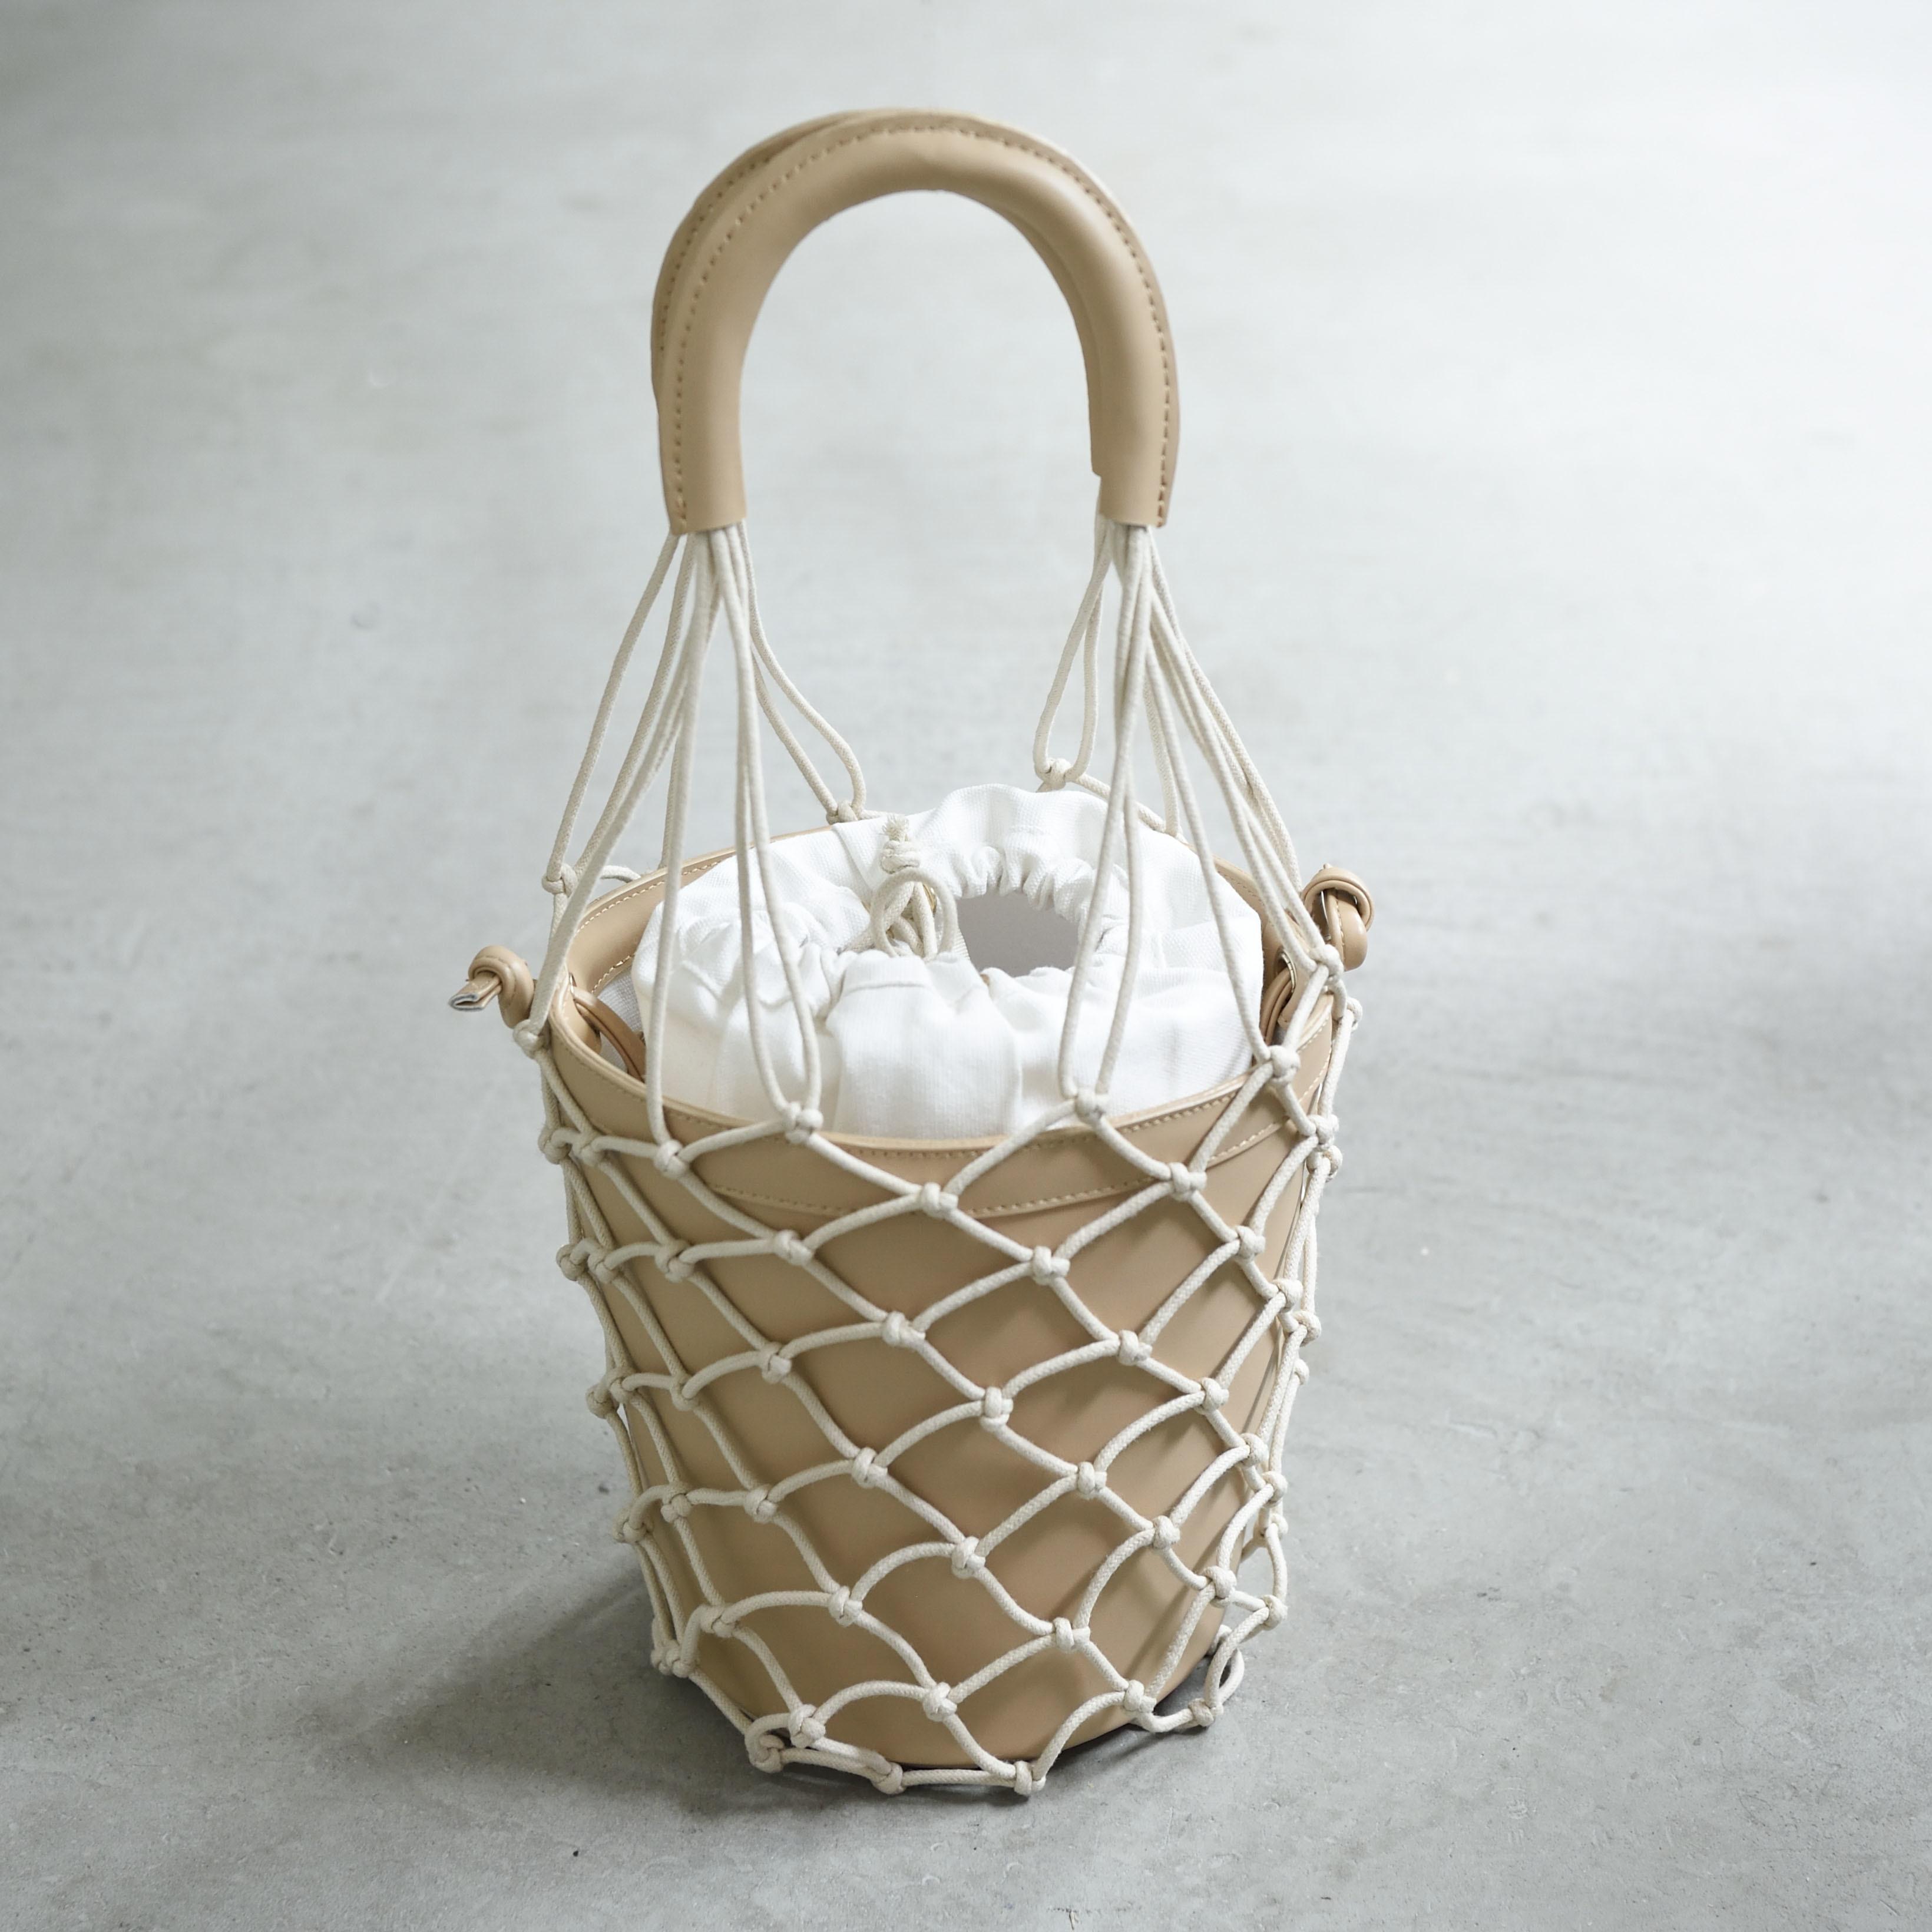 【Mesh-Leather-Basket 】Beige